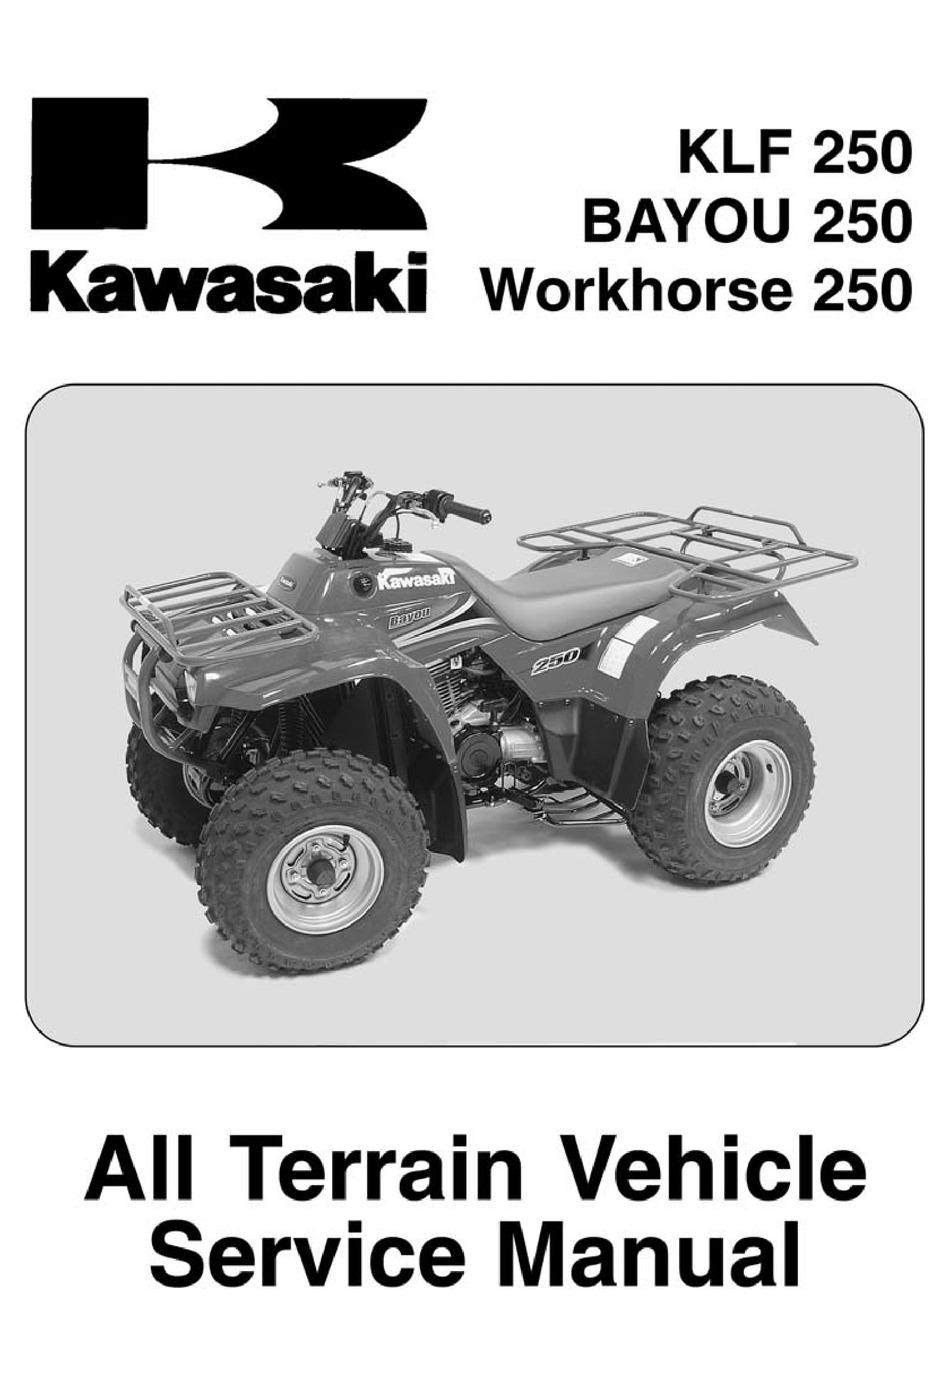 For Kawasaki KLF 250 A3 Oil Filter 2005